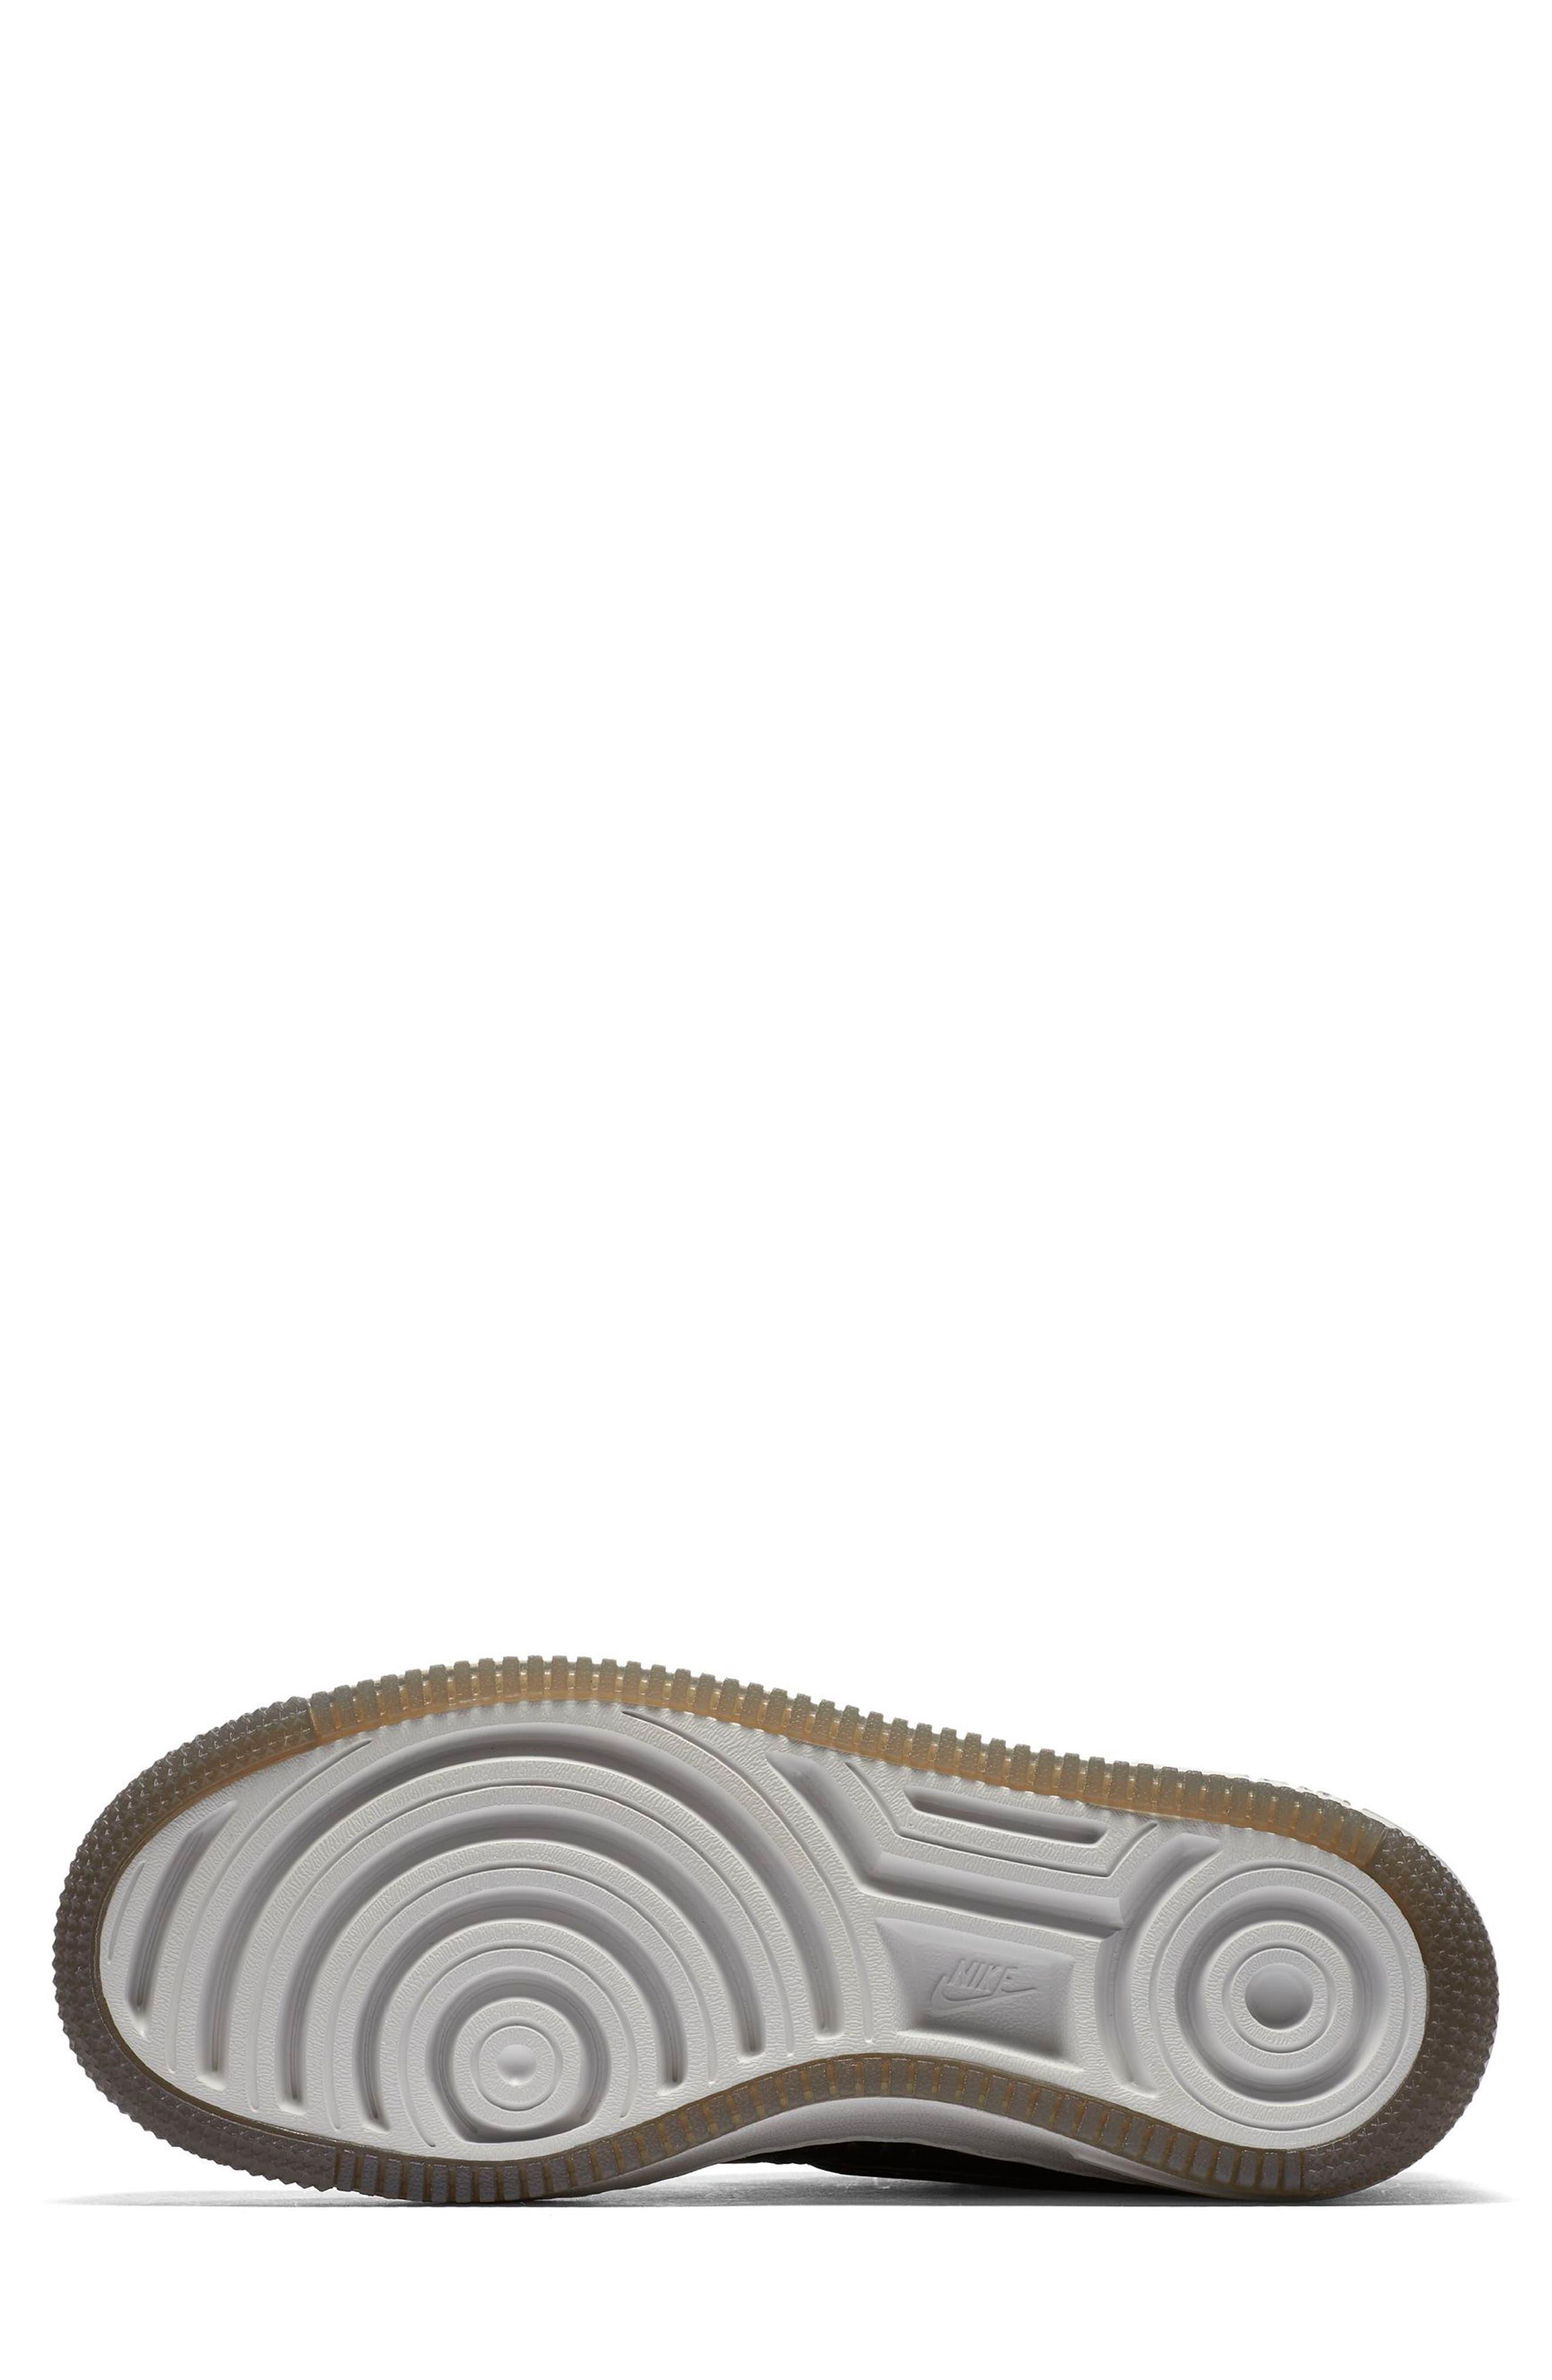 Air Force 1 Upstep Premium Platform Sneaker,                             Alternate thumbnail 5, color,                             022